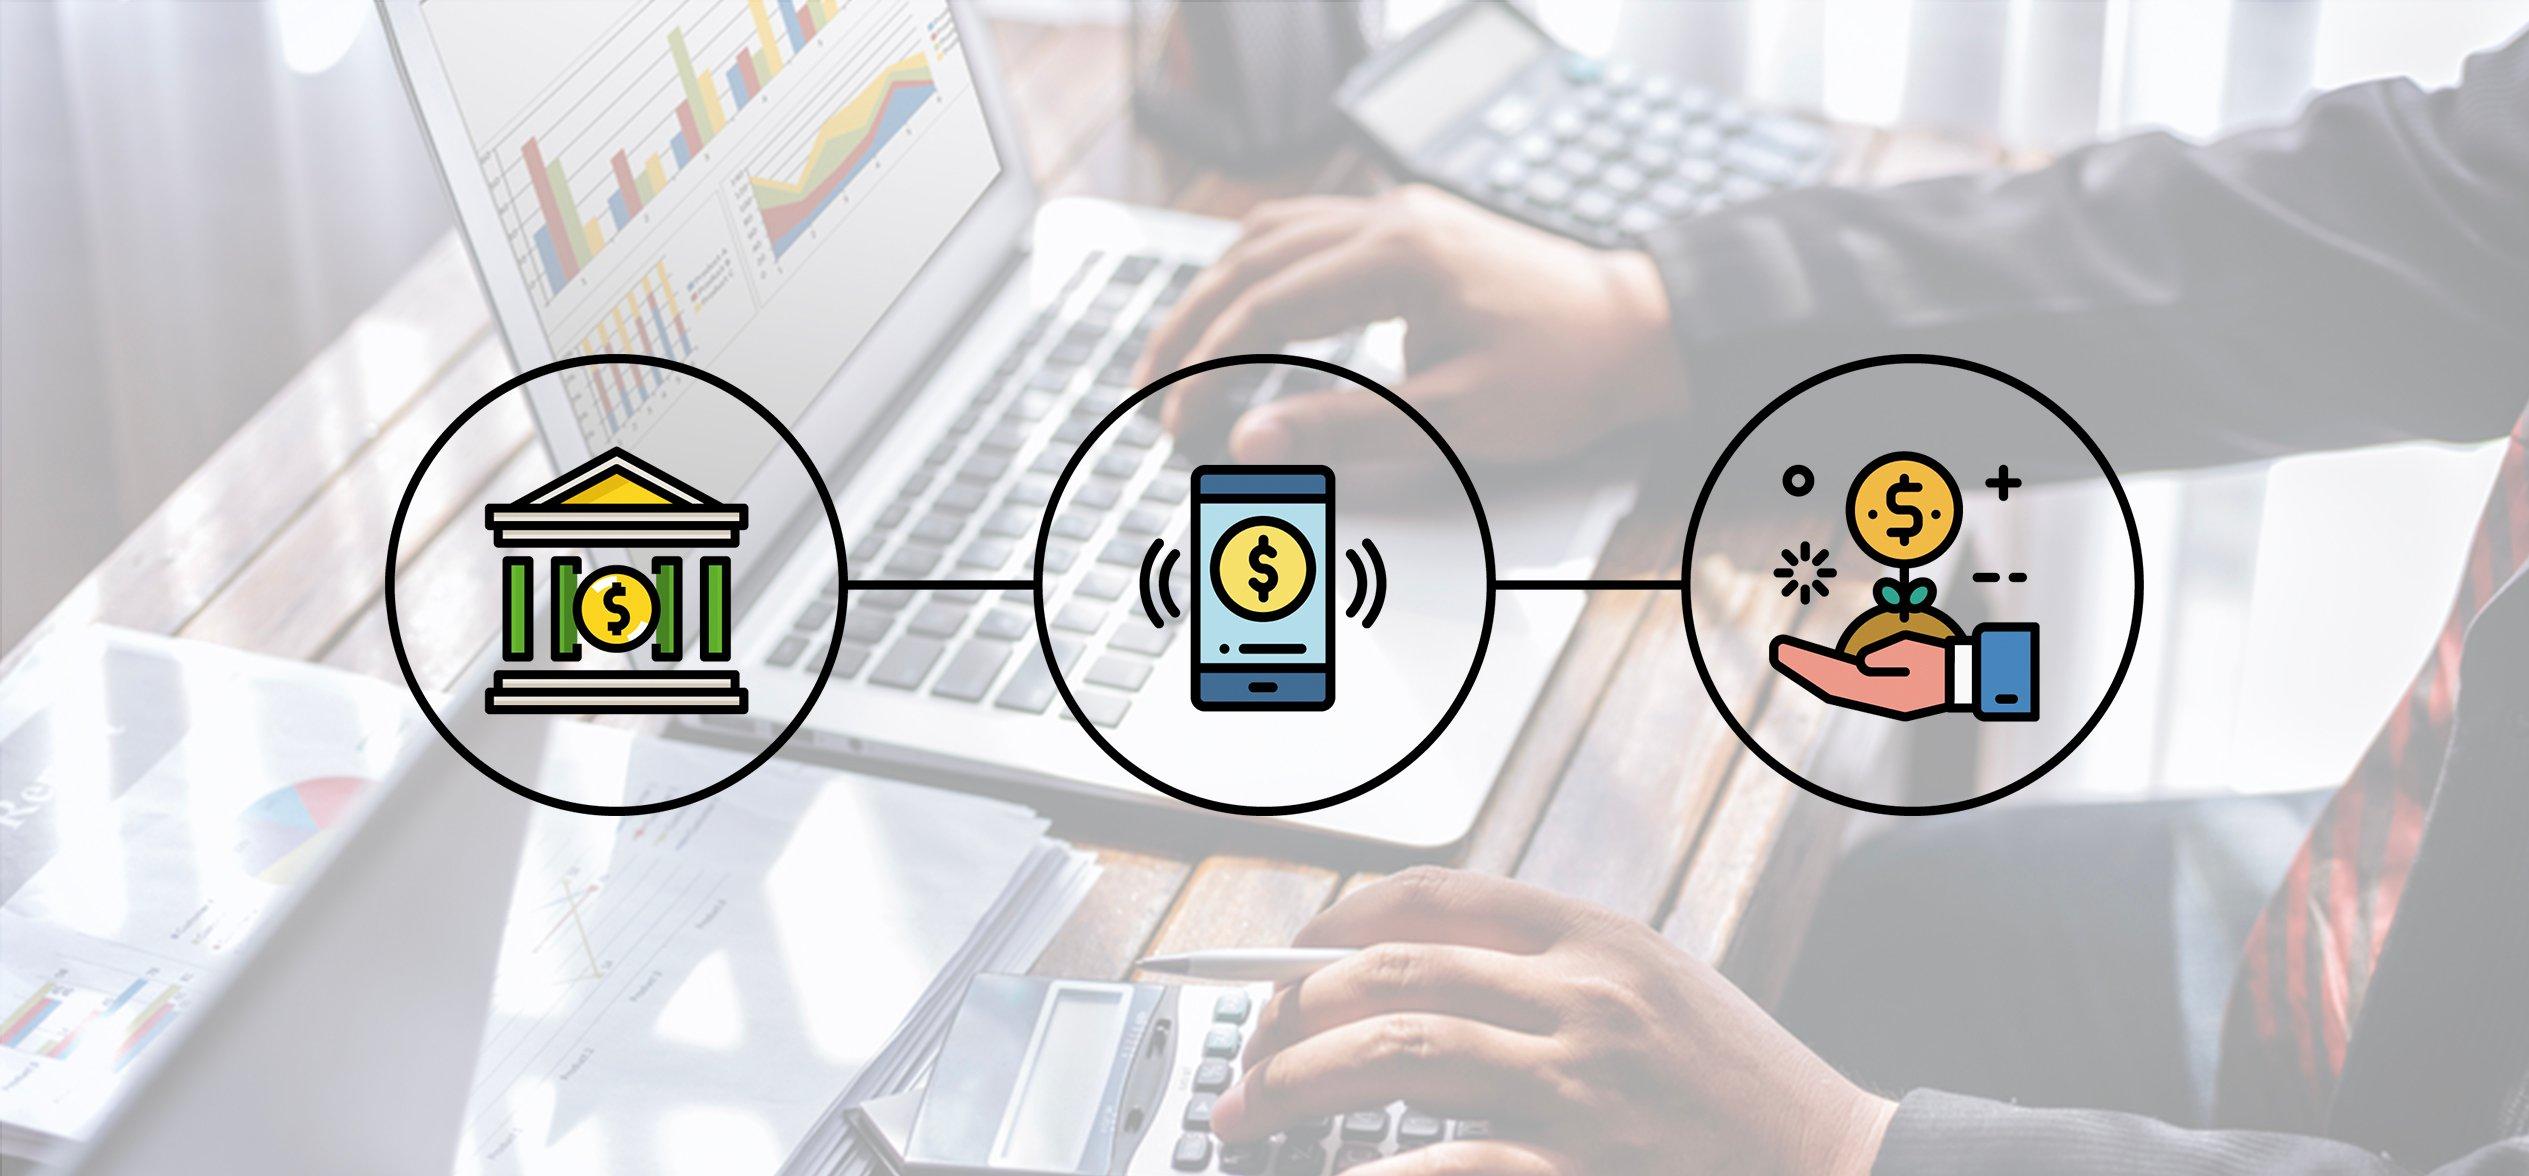 Prognose- Banking APIs bald Standard